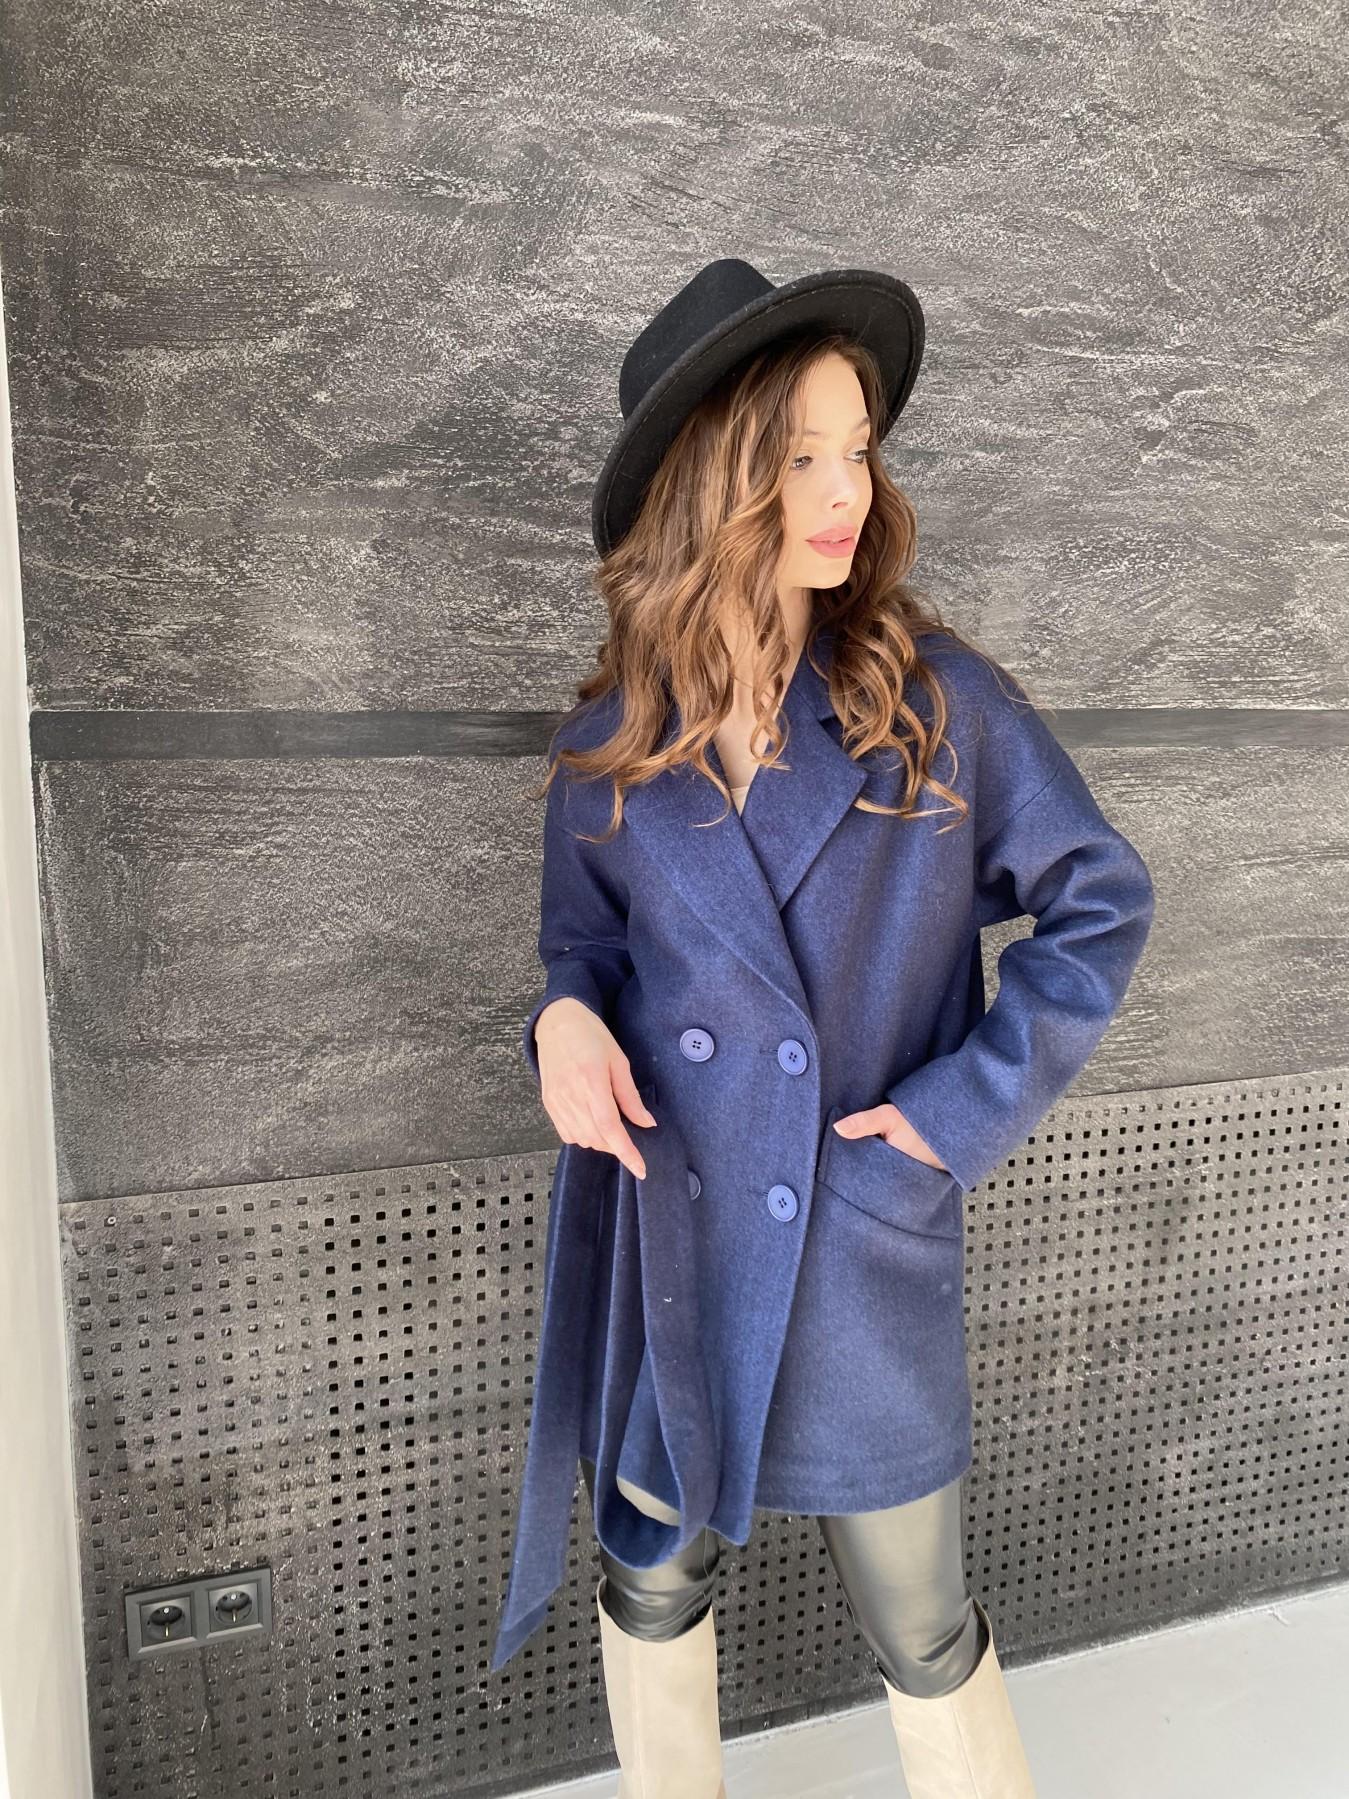 Бонд пальто  кашемировое меланж на трикотаже  10644 АРТ. 47180 Цвет: Т.синий 17 - фото 4, интернет магазин tm-modus.ru